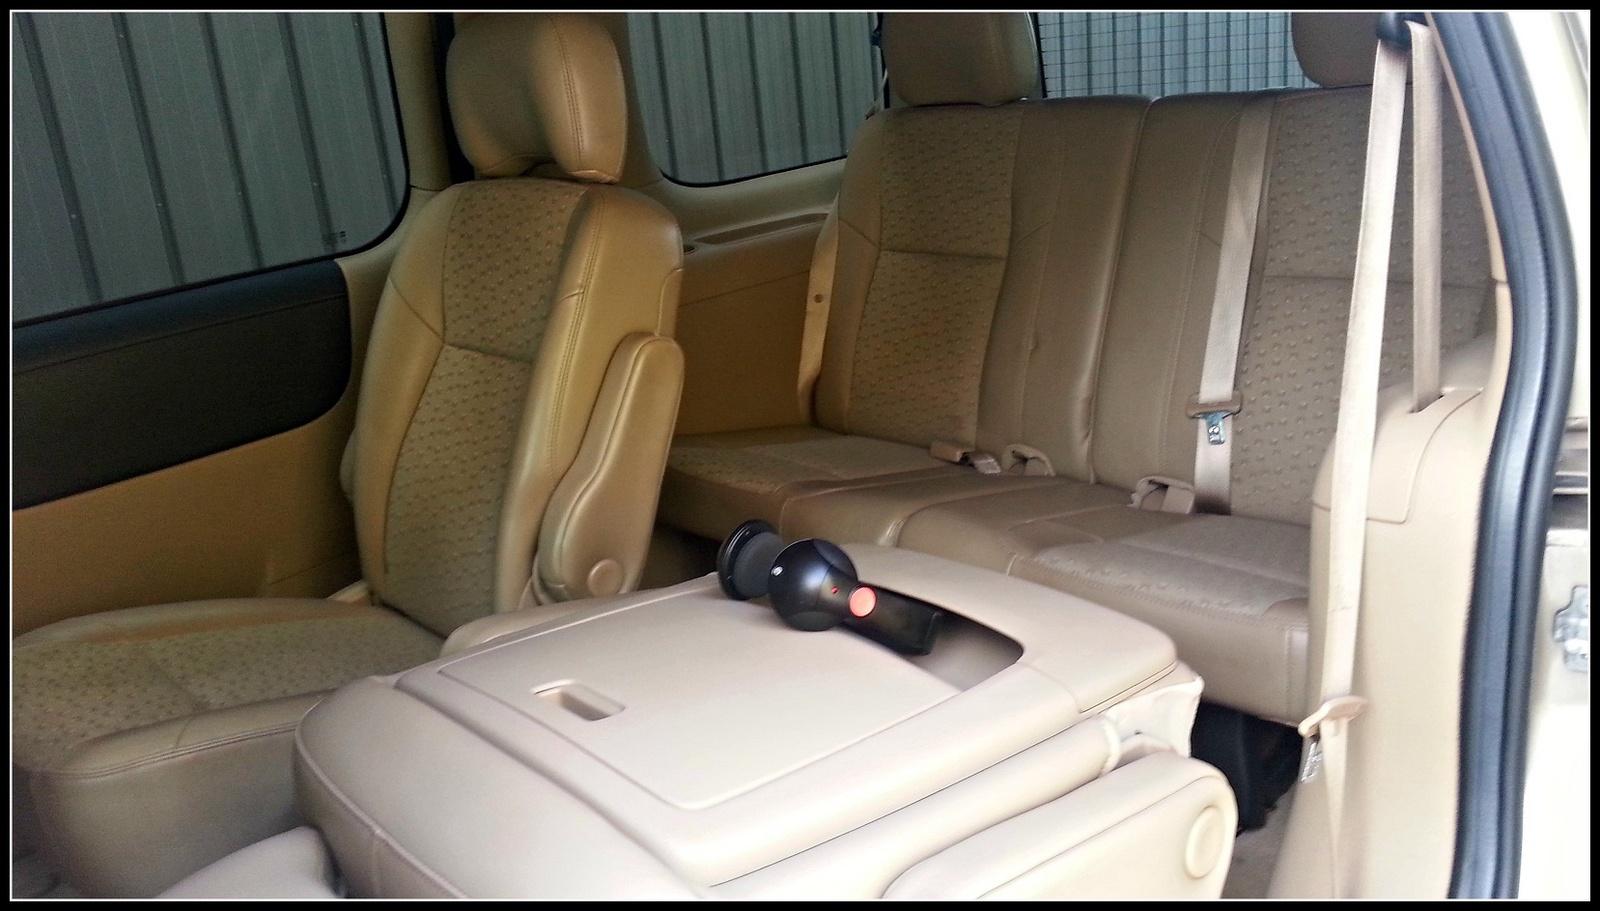 2005 Chevrolet Uplander Interior Pictures Cargurus